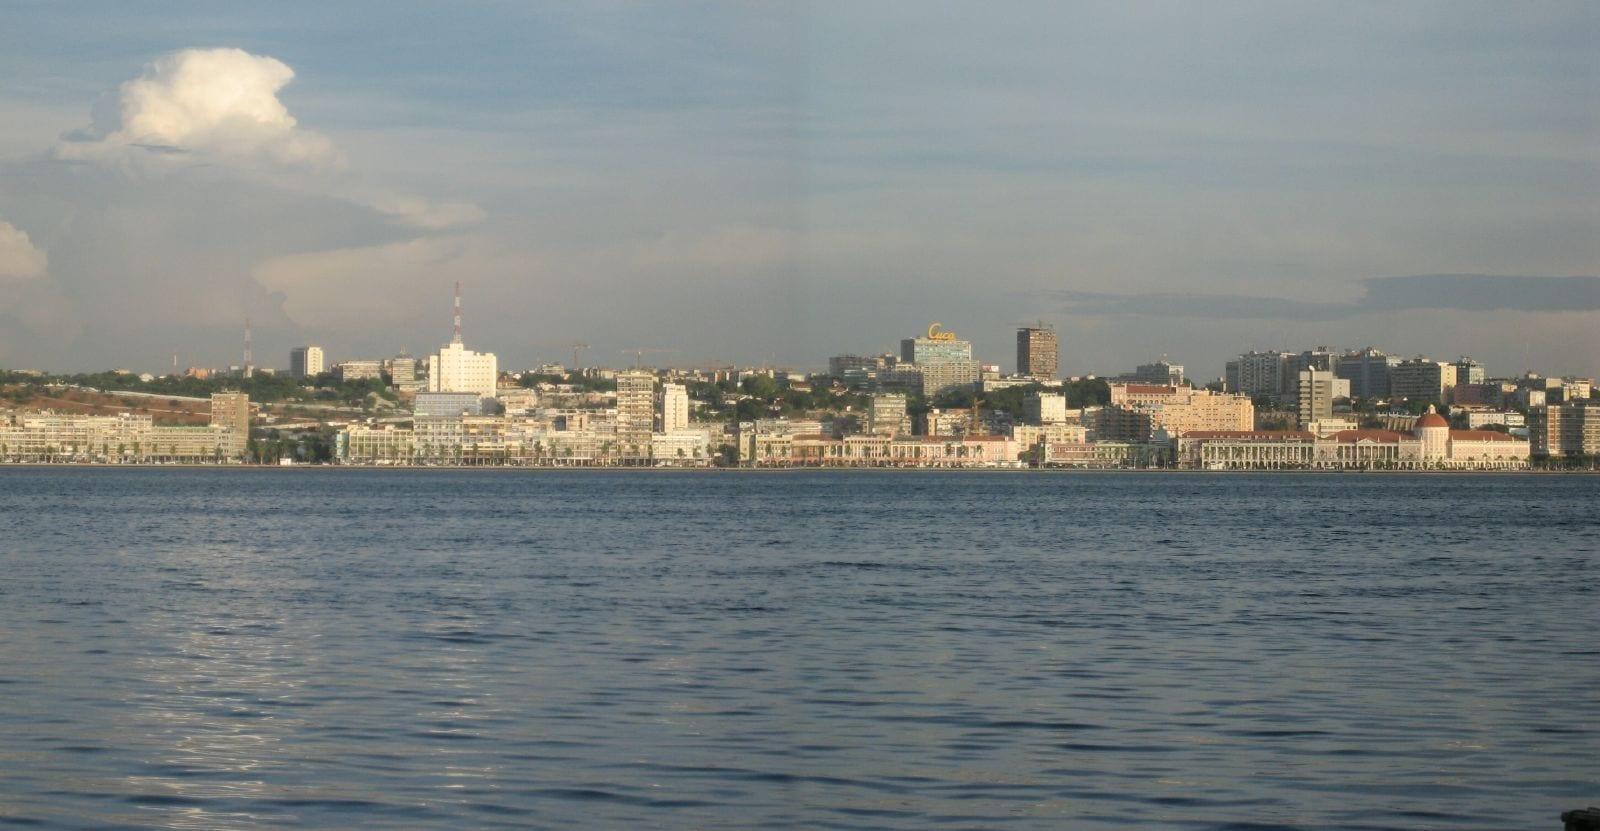 El horizonte de Luanda Luanda Angola